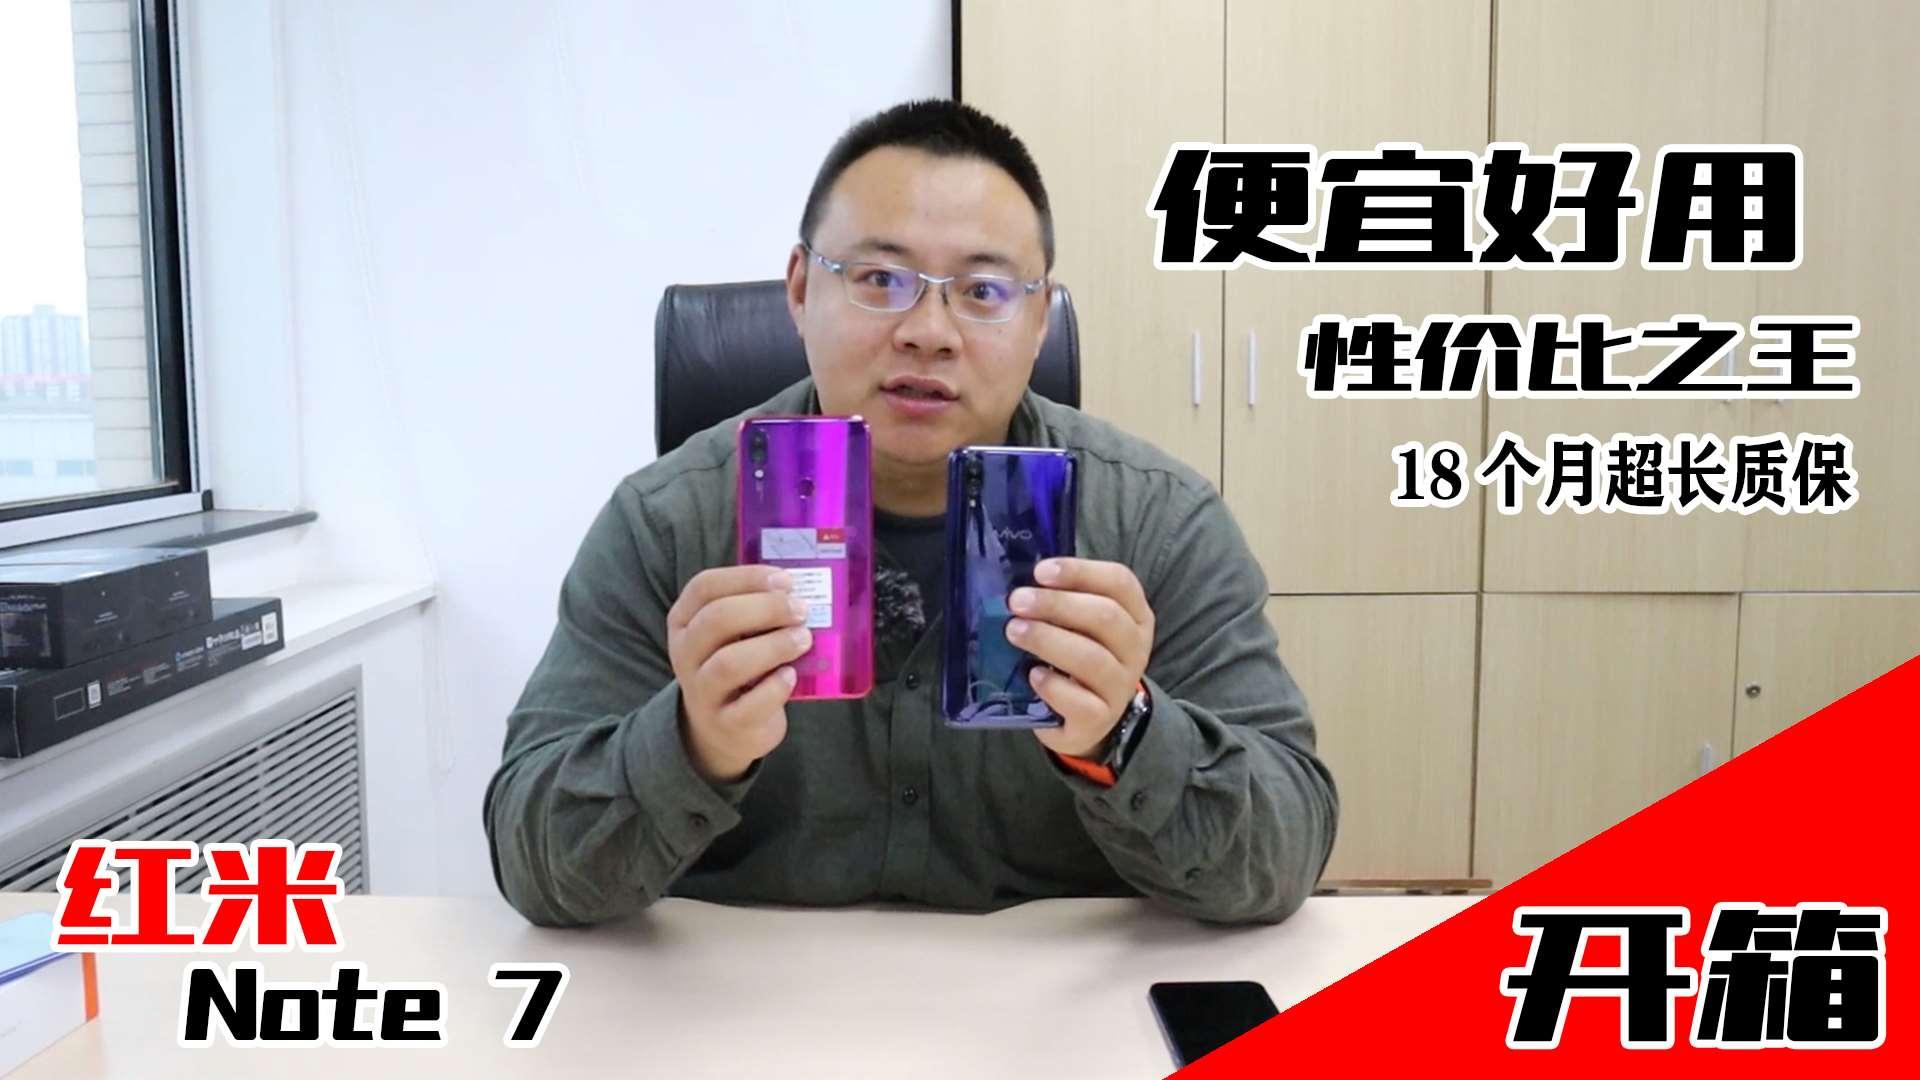 国货当自强:千元机性价比之王,红米Note 7开箱体验